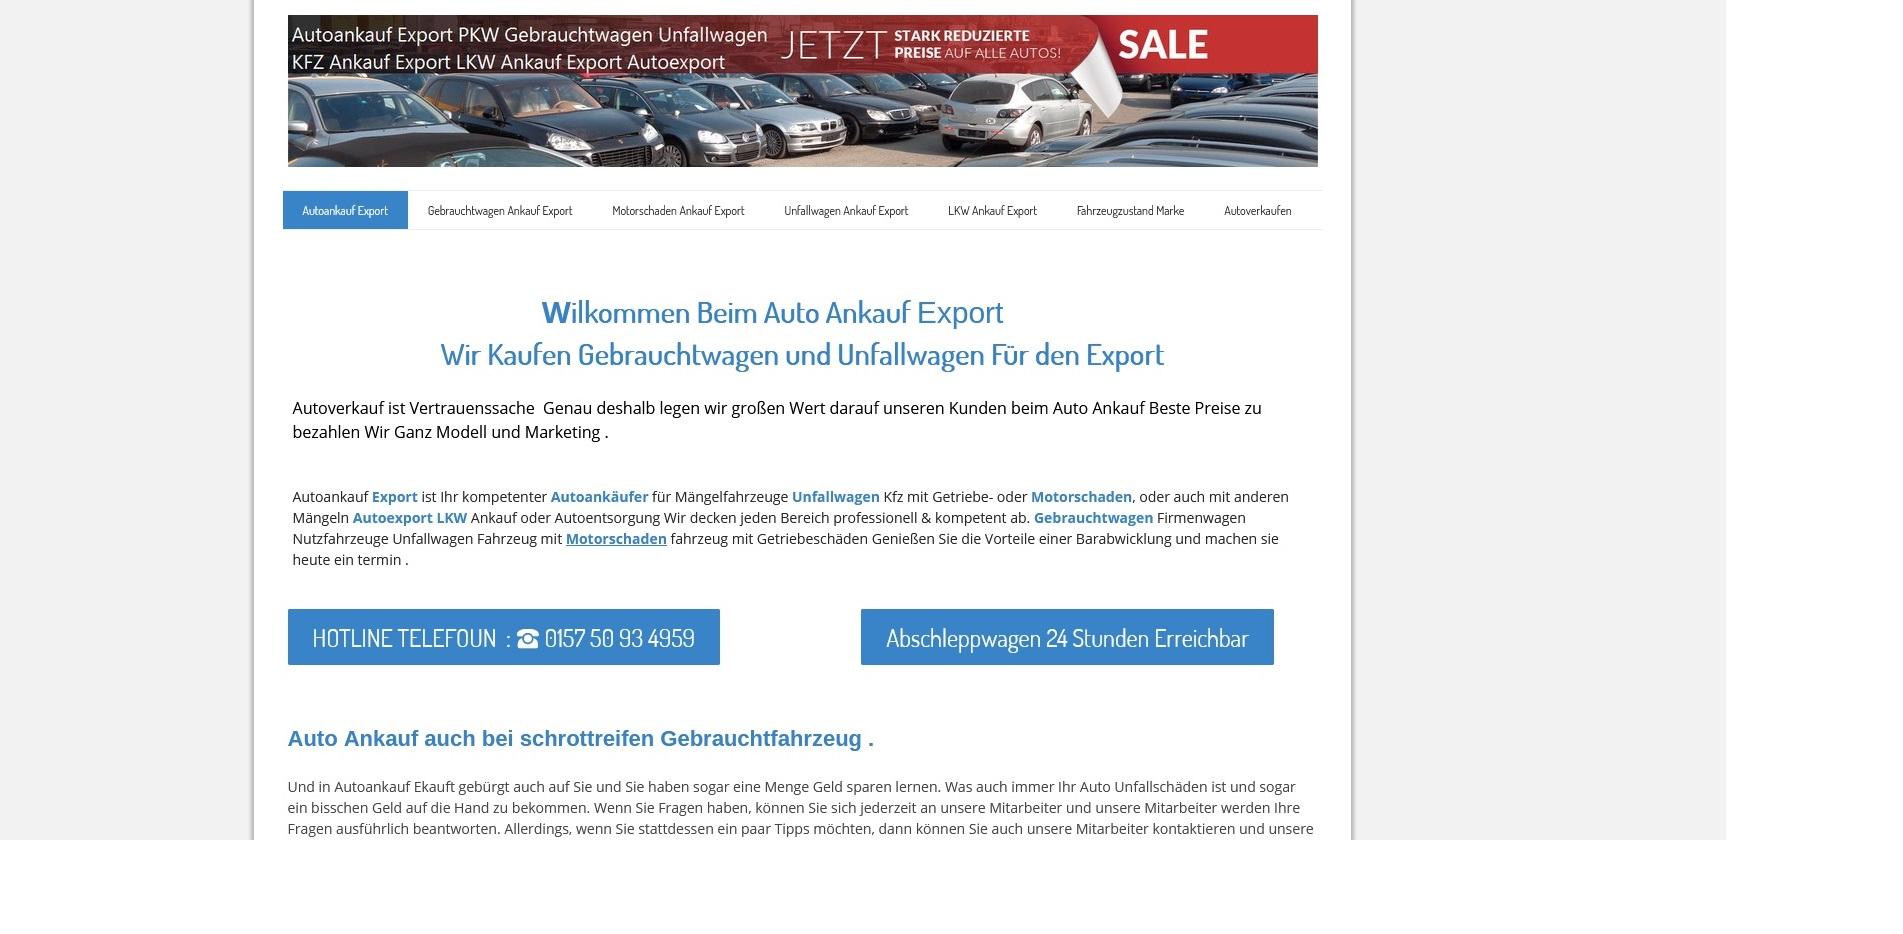 AutoAnkauf Bad Kissingen: Wir Kaufen Gebrauchtwagen und Unfallwagen Für den Export